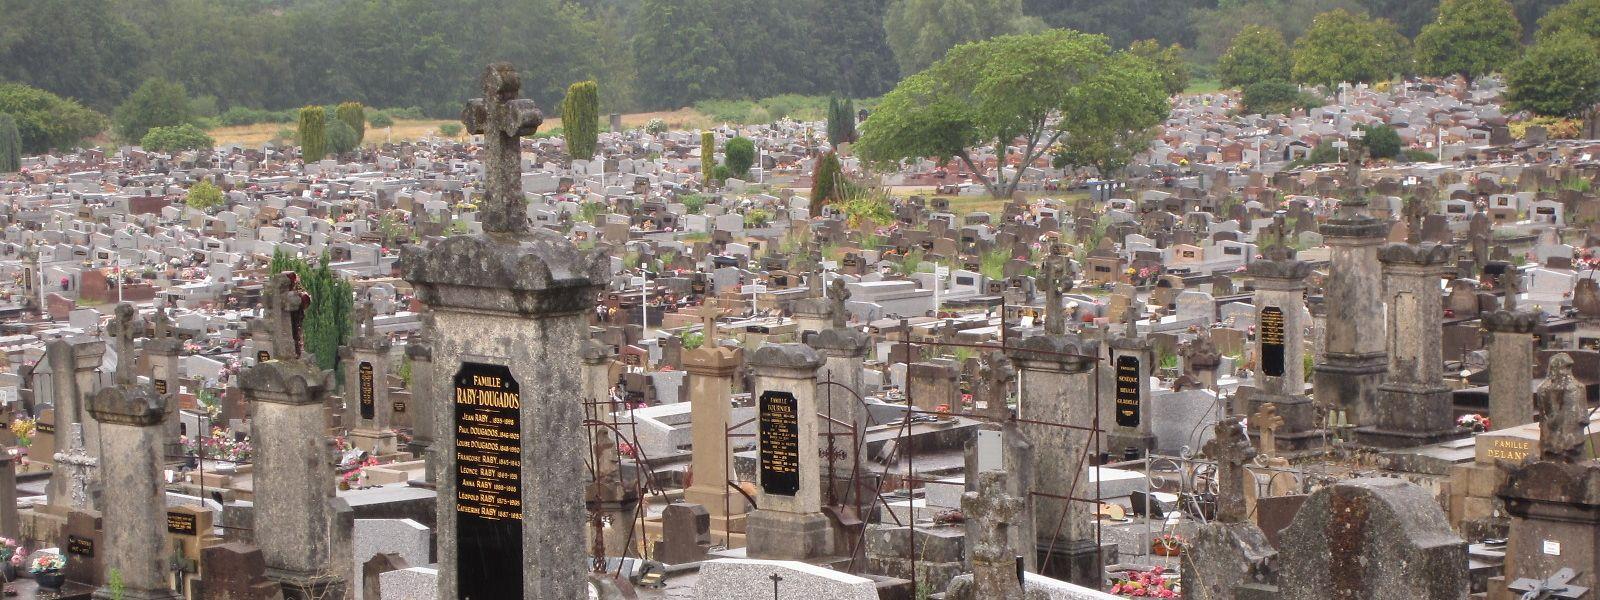 Auf 35 Hektar sind etwa 200000 Verstorbene gebettet – bei weitem mehr, als die Stadt Limoges Einwohner hat